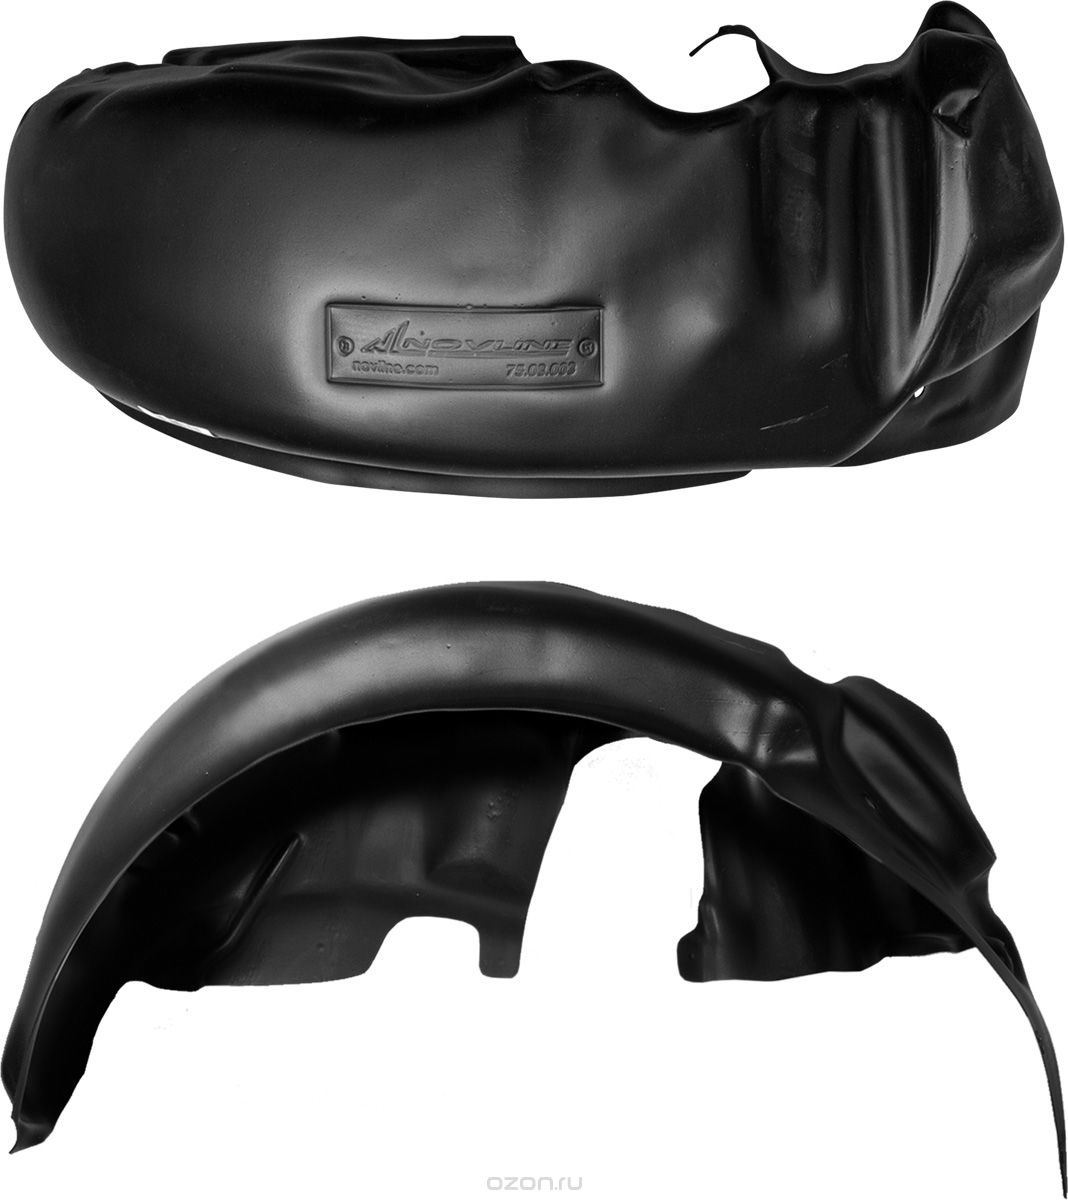 Подкрылок Novline-Autofamily, для Chery Tiggo, 01/2006-2013, 2013->, задний правыйNLL.63.03.004Идеальная защита колесной ниши. Локеры разработаны с применением цифровых технологий, гарантируют максимальную повторяемость поверхности арки. Изделия устанавливаются без нарушения лакокрасочного покрытия автомобиля, каждый подкрылок комплектуется крепежом. Уважаемые клиенты, обращаем ваше внимание, что фотографии на подкрылки универсальные и не отражают реальную форму изделия. При этом само изделие идет точно под размер указанного автомобиля.